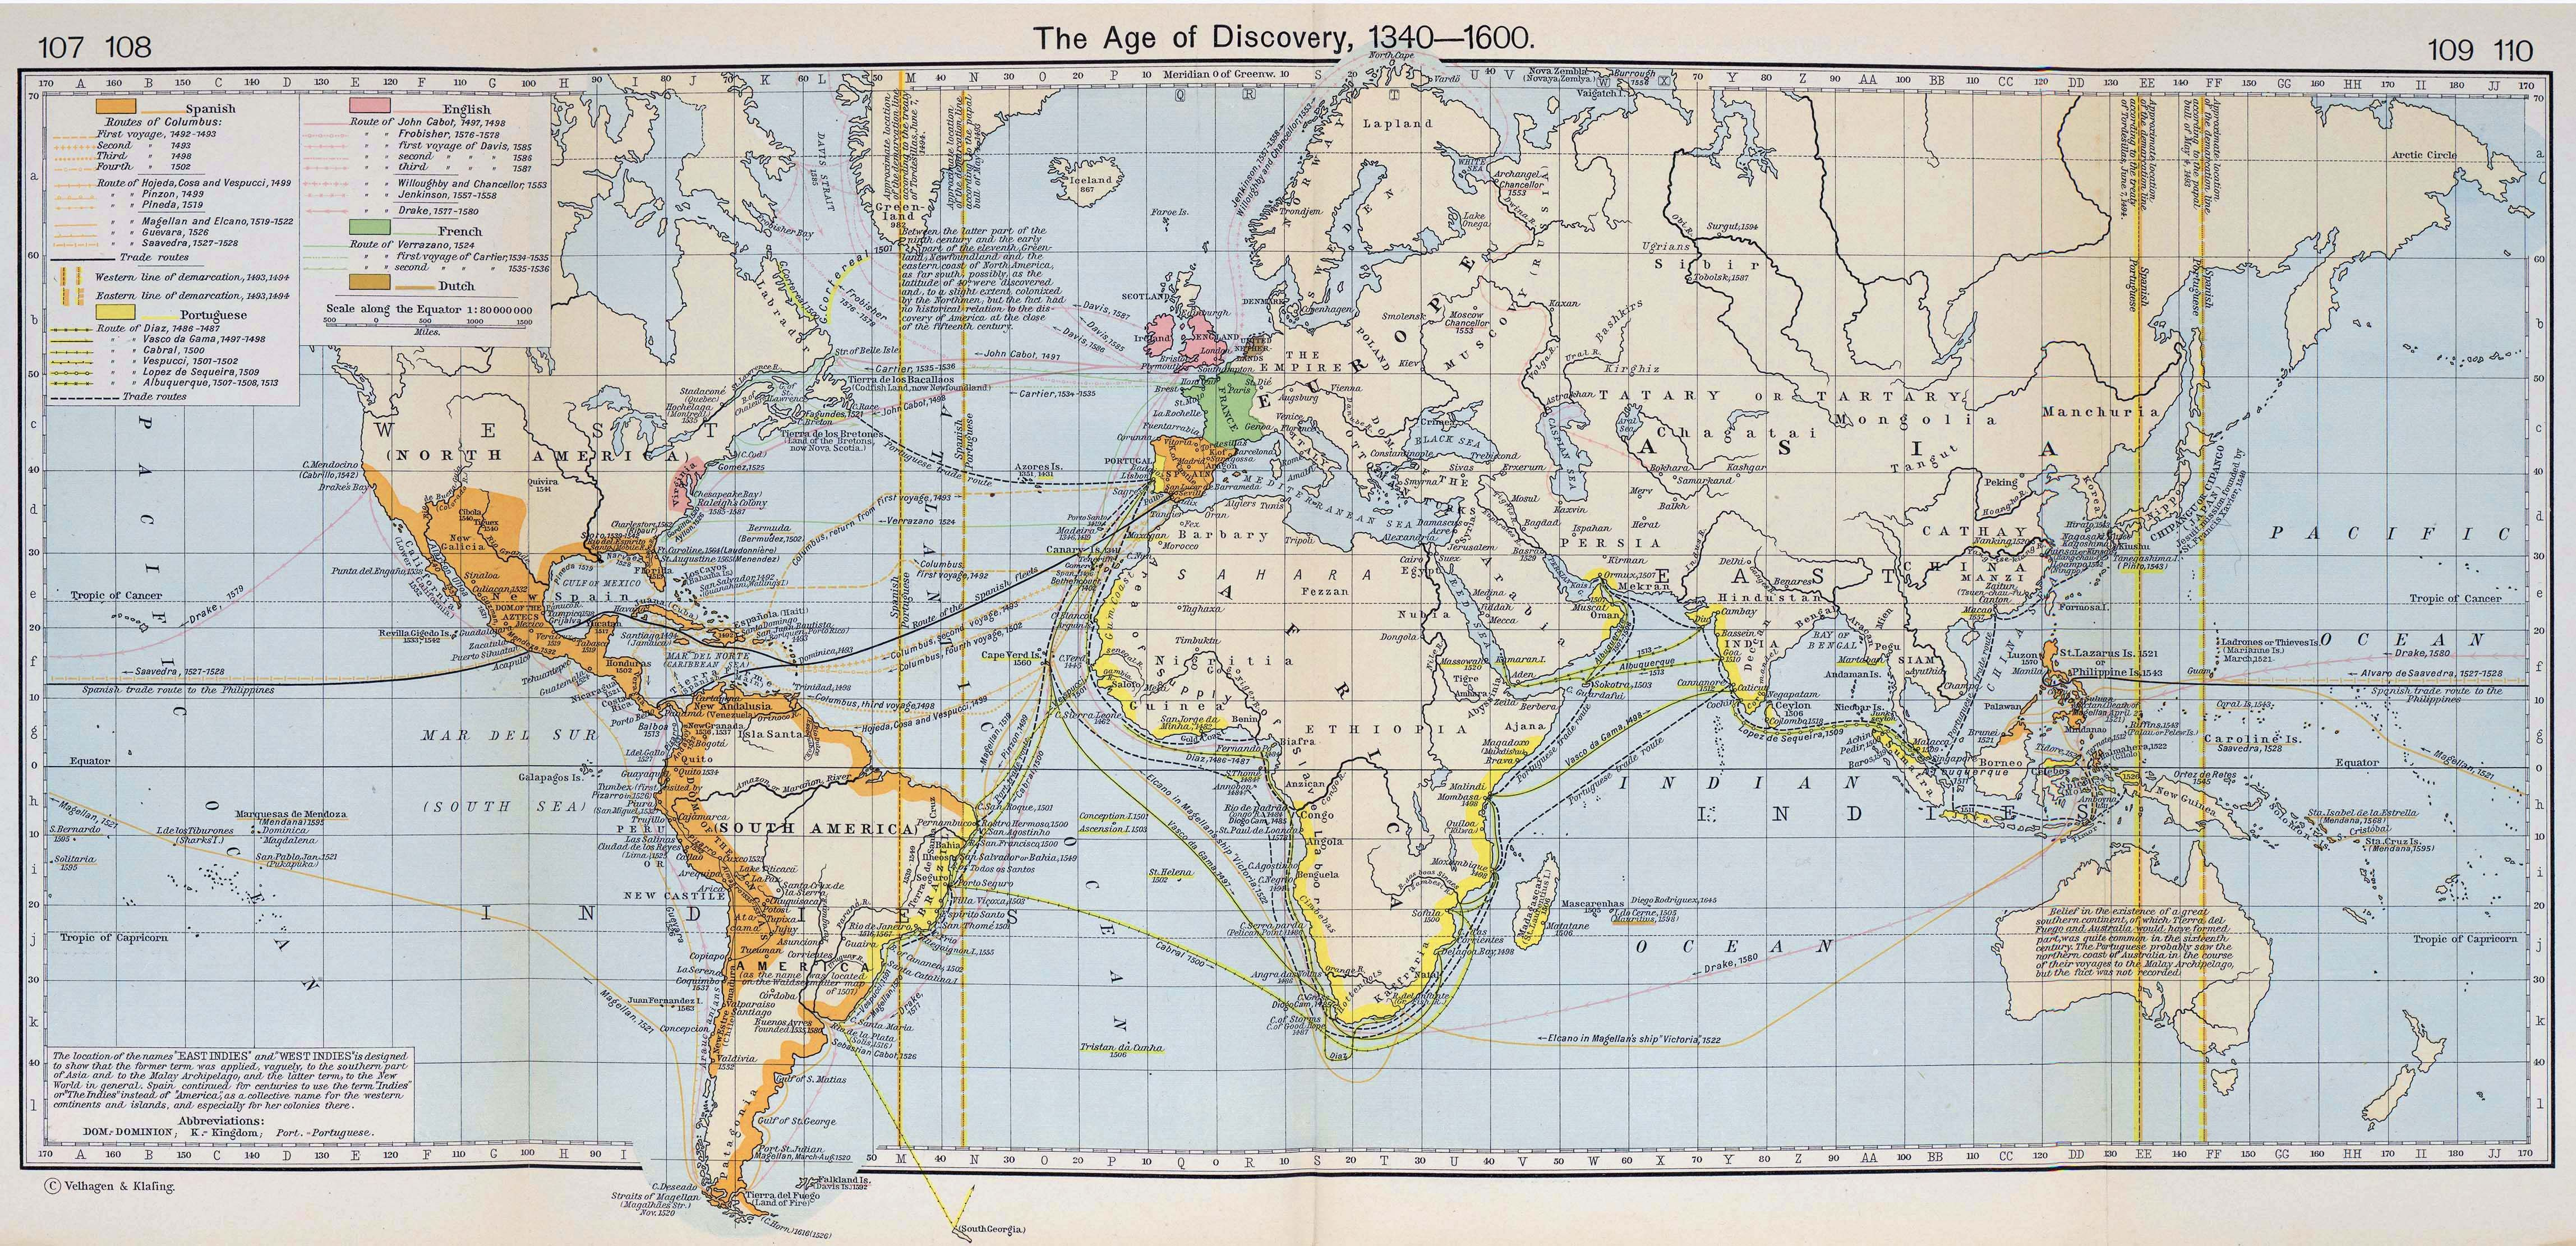 4k world map hd wallpaper 4593x2222 4k world map hd wallpaper 4593x2222 gumiabroncs Gallery